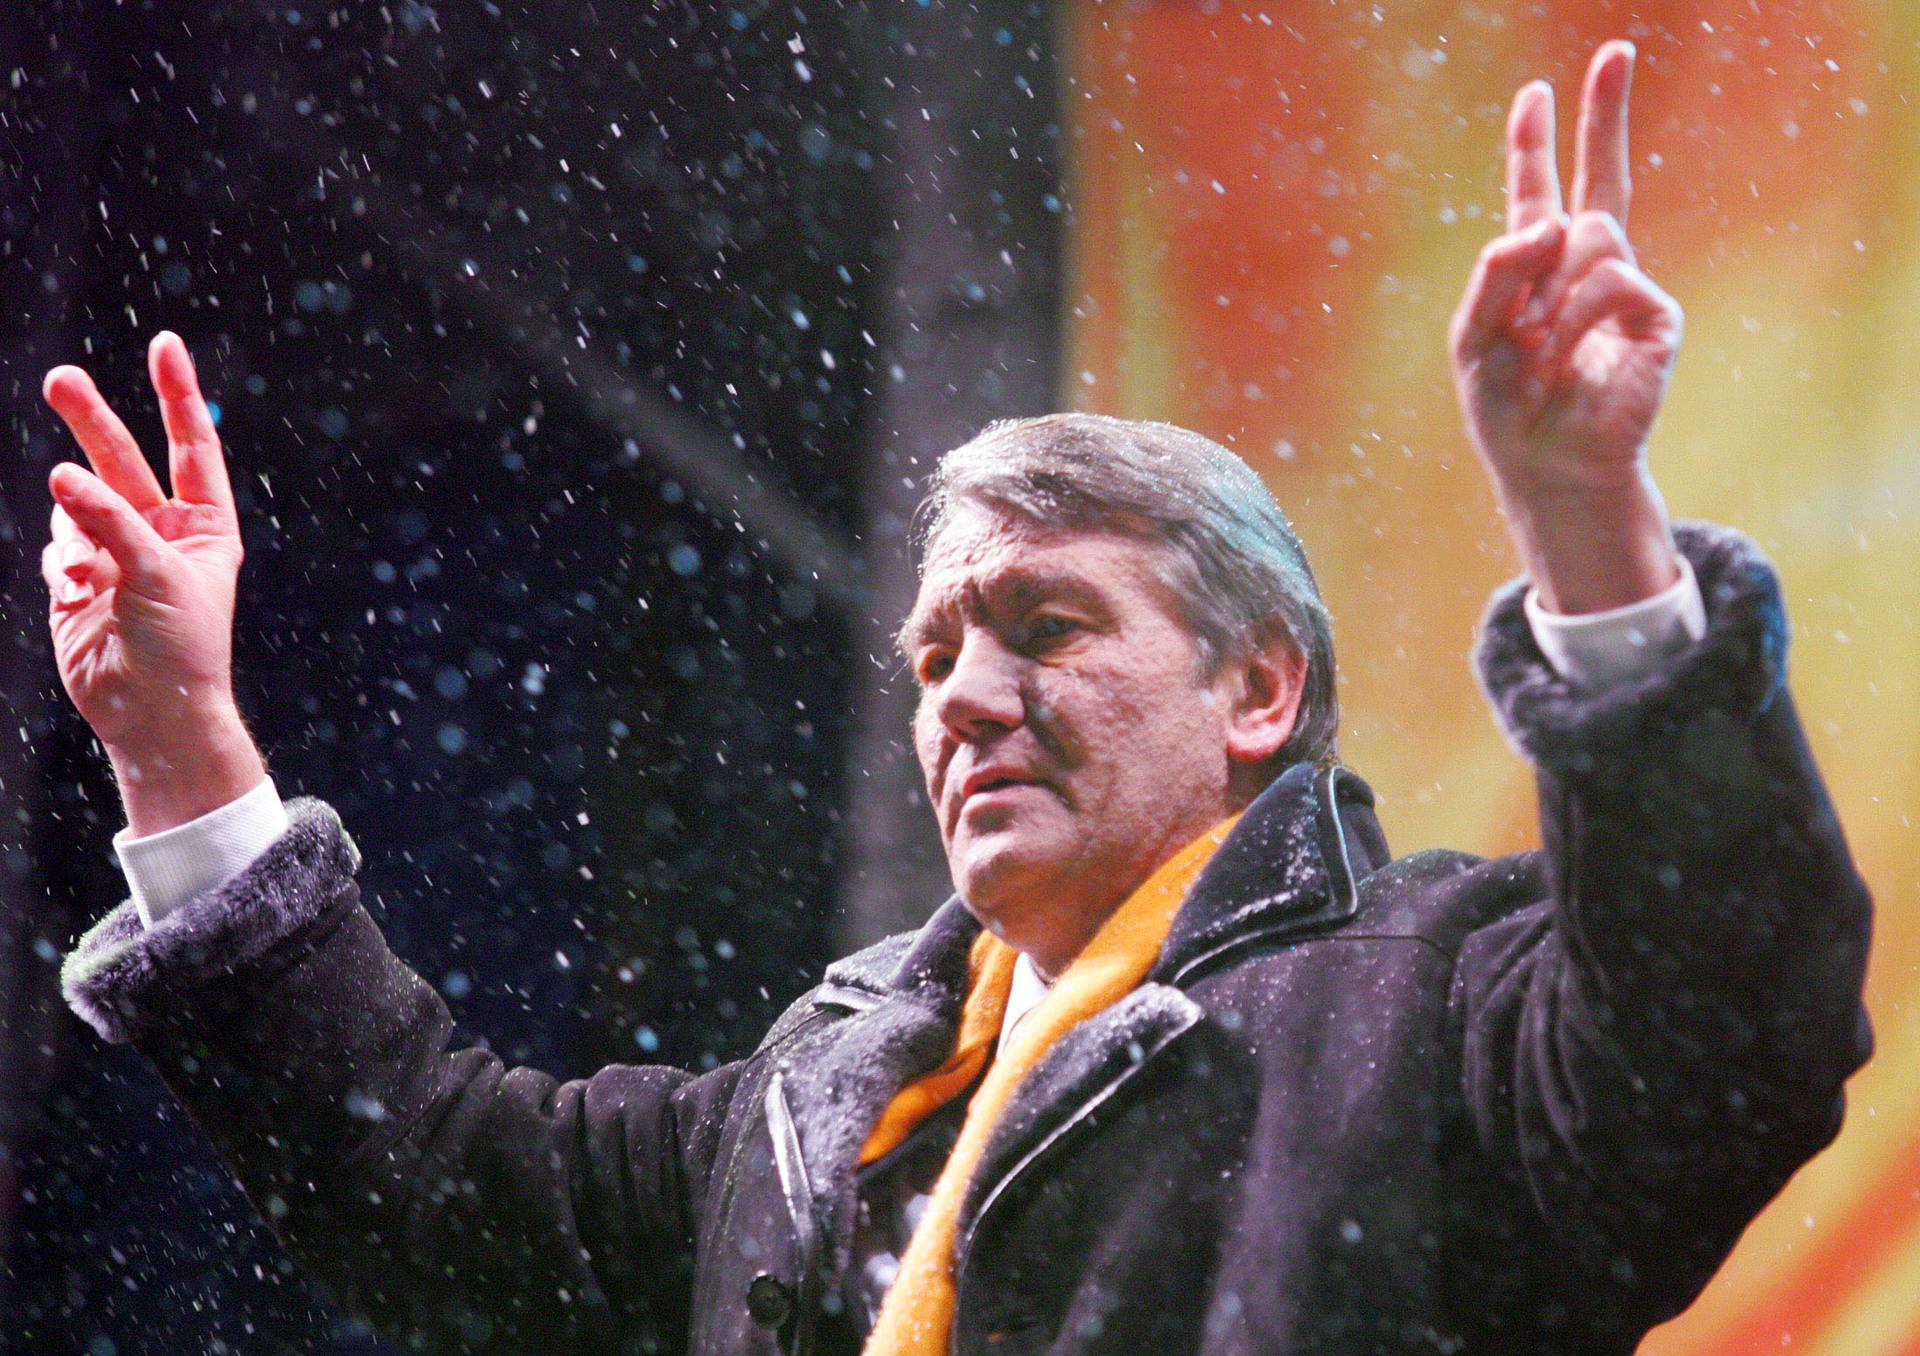 почему оранжевая революция так называется